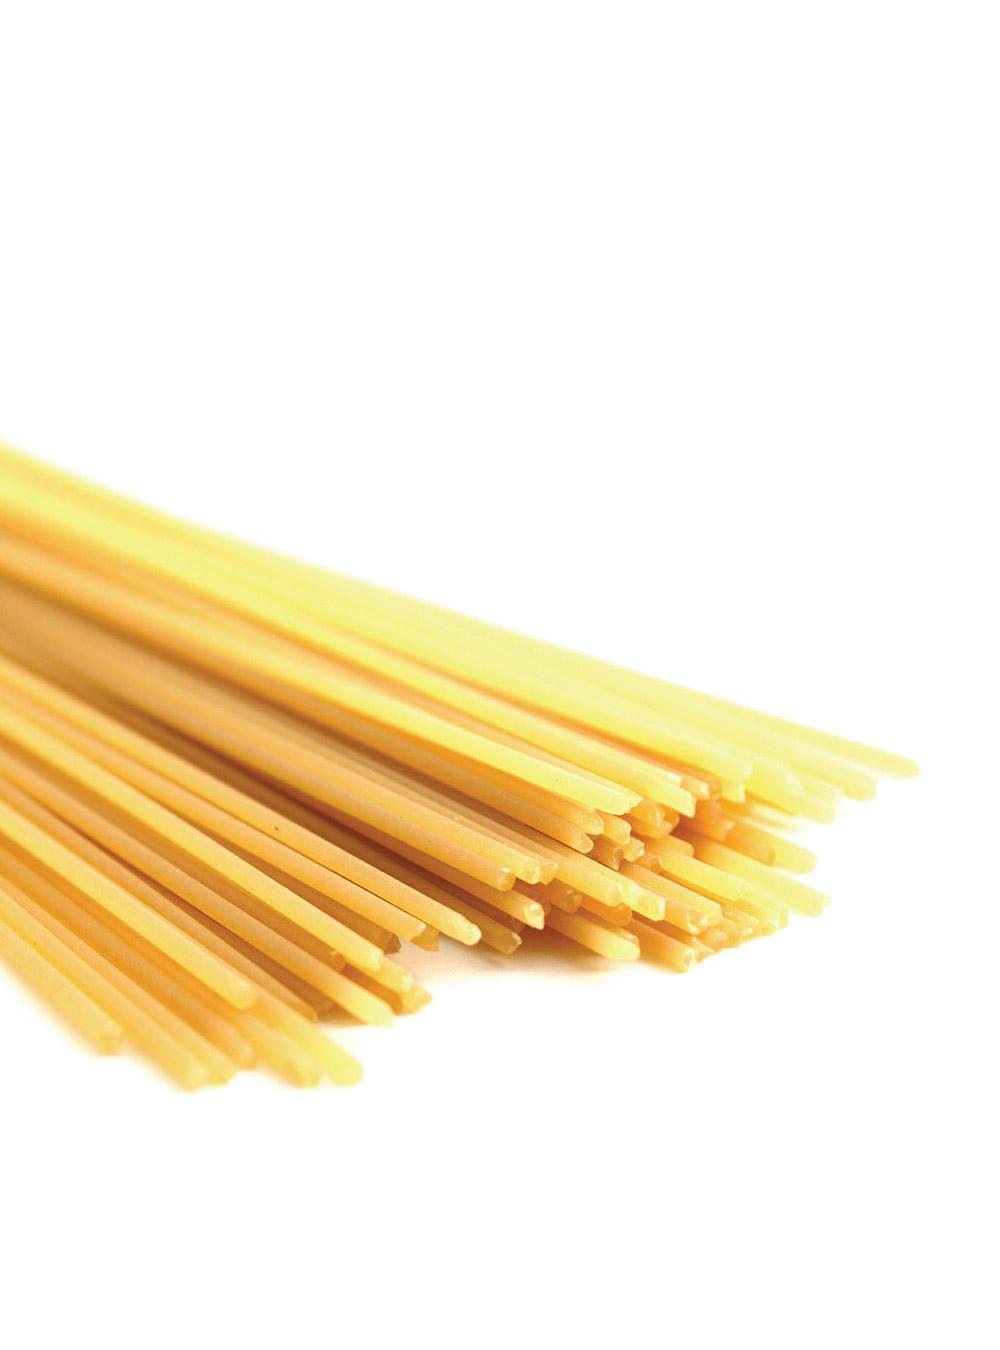 Spaghettini carbonara | ricardo